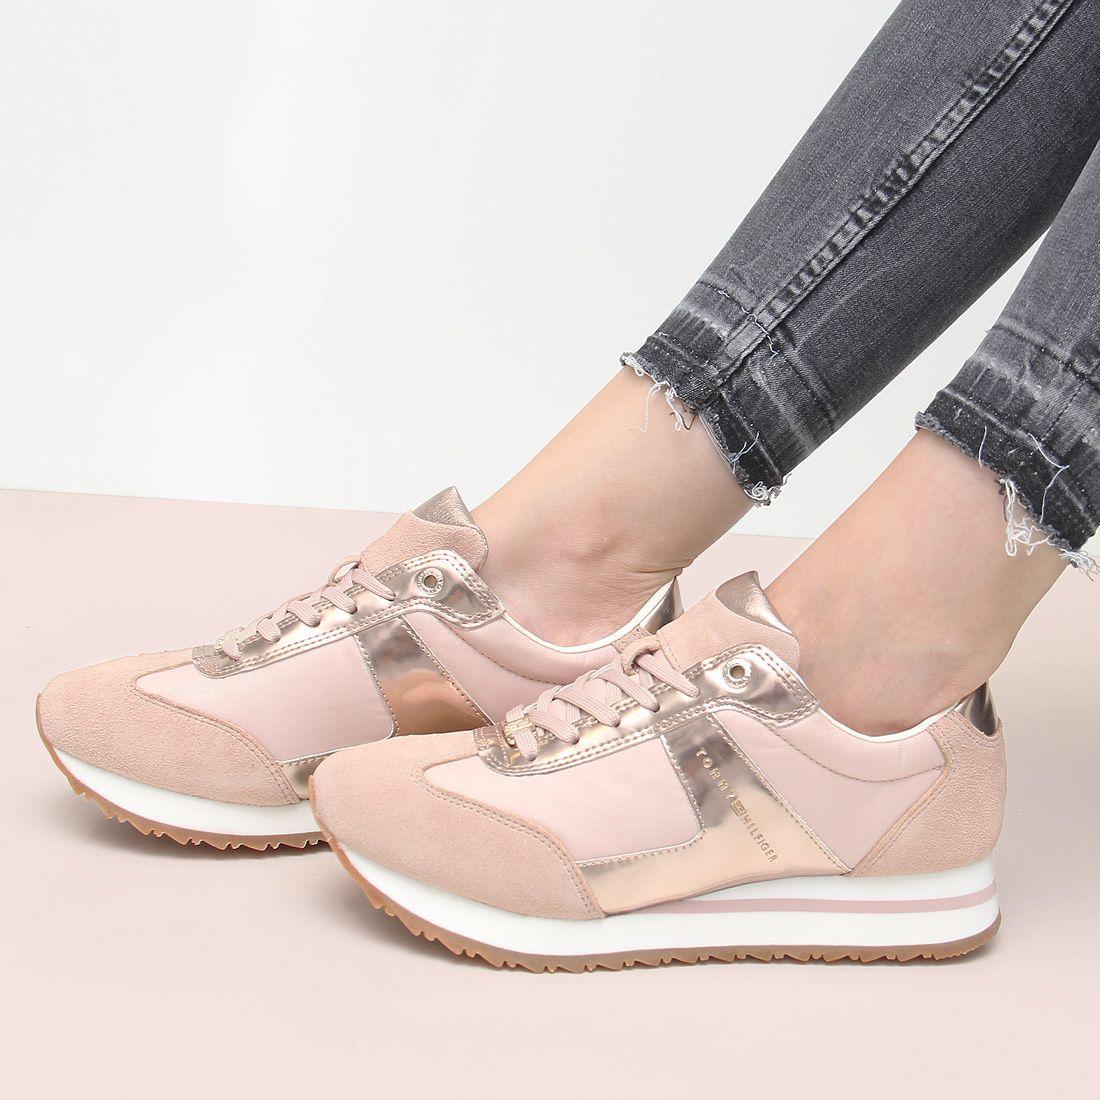 explosión monitor pecador  TOMMY HILFIGER ANGEL 2C1 MARRON CLARO Zacaris zapatos online. | Zapatos  deportivos de moda, Zapatos mujer, Zapatos